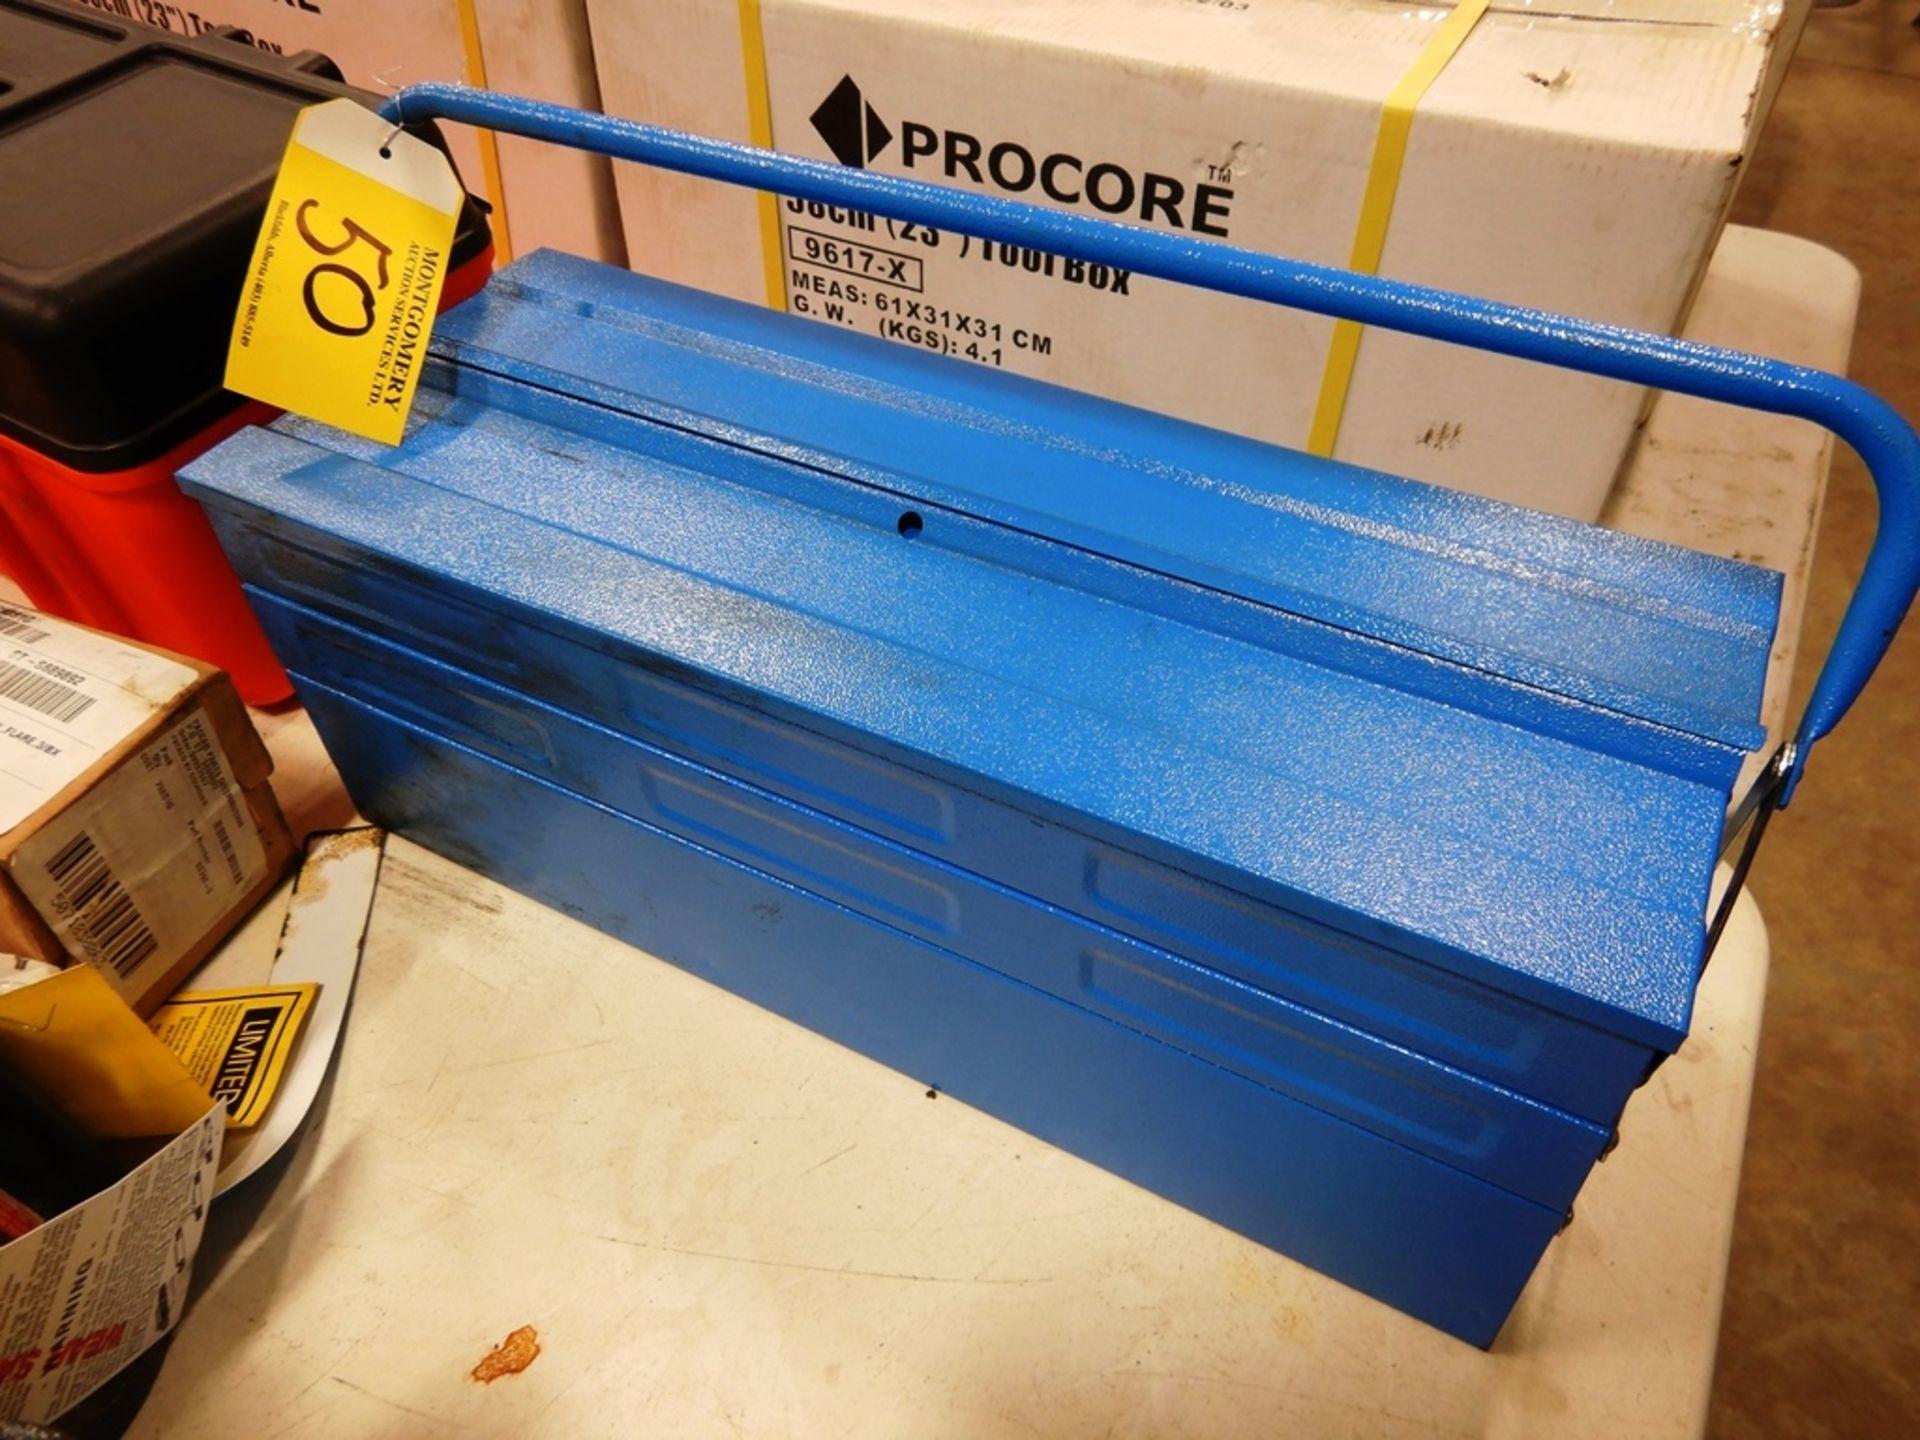 Lot 50 - SOILMEC METAL TOOL BOX W/ CONTENTS